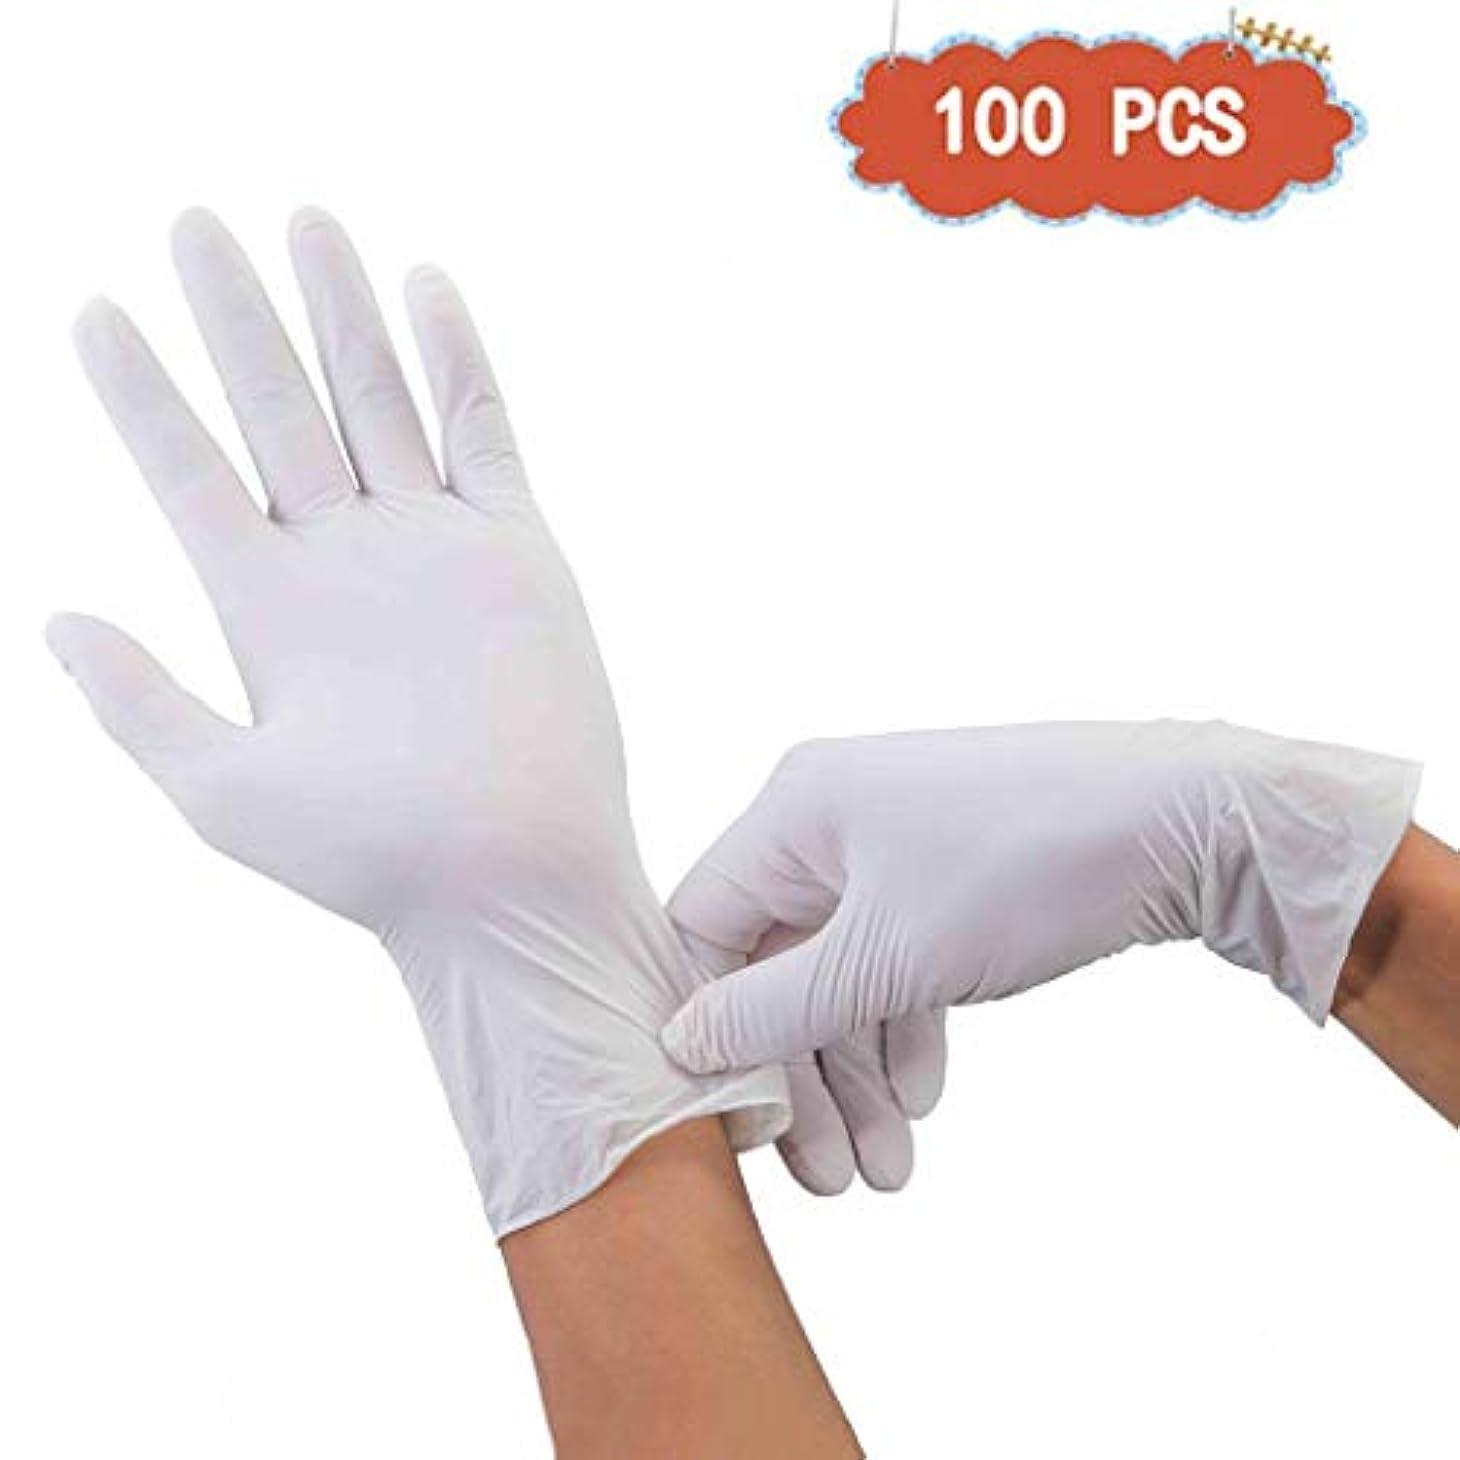 ハプニングマイクロ弱点ニトリル手袋、白い手袋食品衛生処理医療産業使い捨て手袋ペットケアネイルアート検査保護実験、美容サロンラテックスフリー、、 100個 (Size : S)